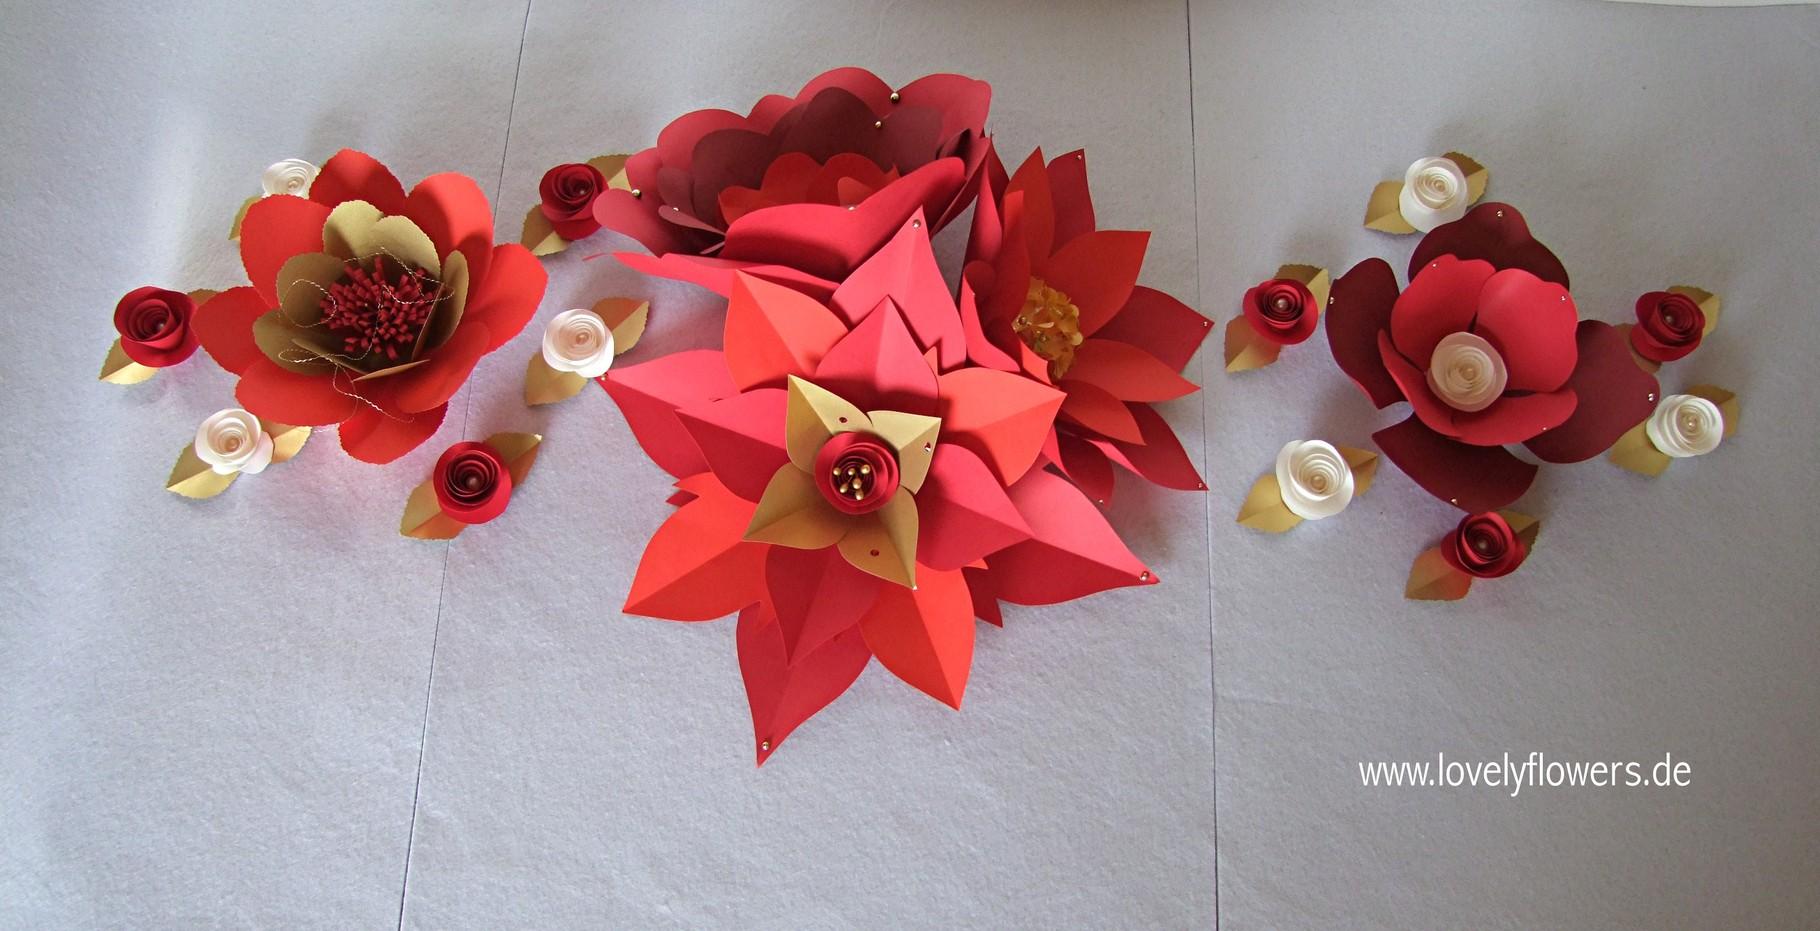 Paper-Art Centerpiece-Dekoration von www.lovelyflowers.de für Tisch, Buffet, Kommode und Schränke